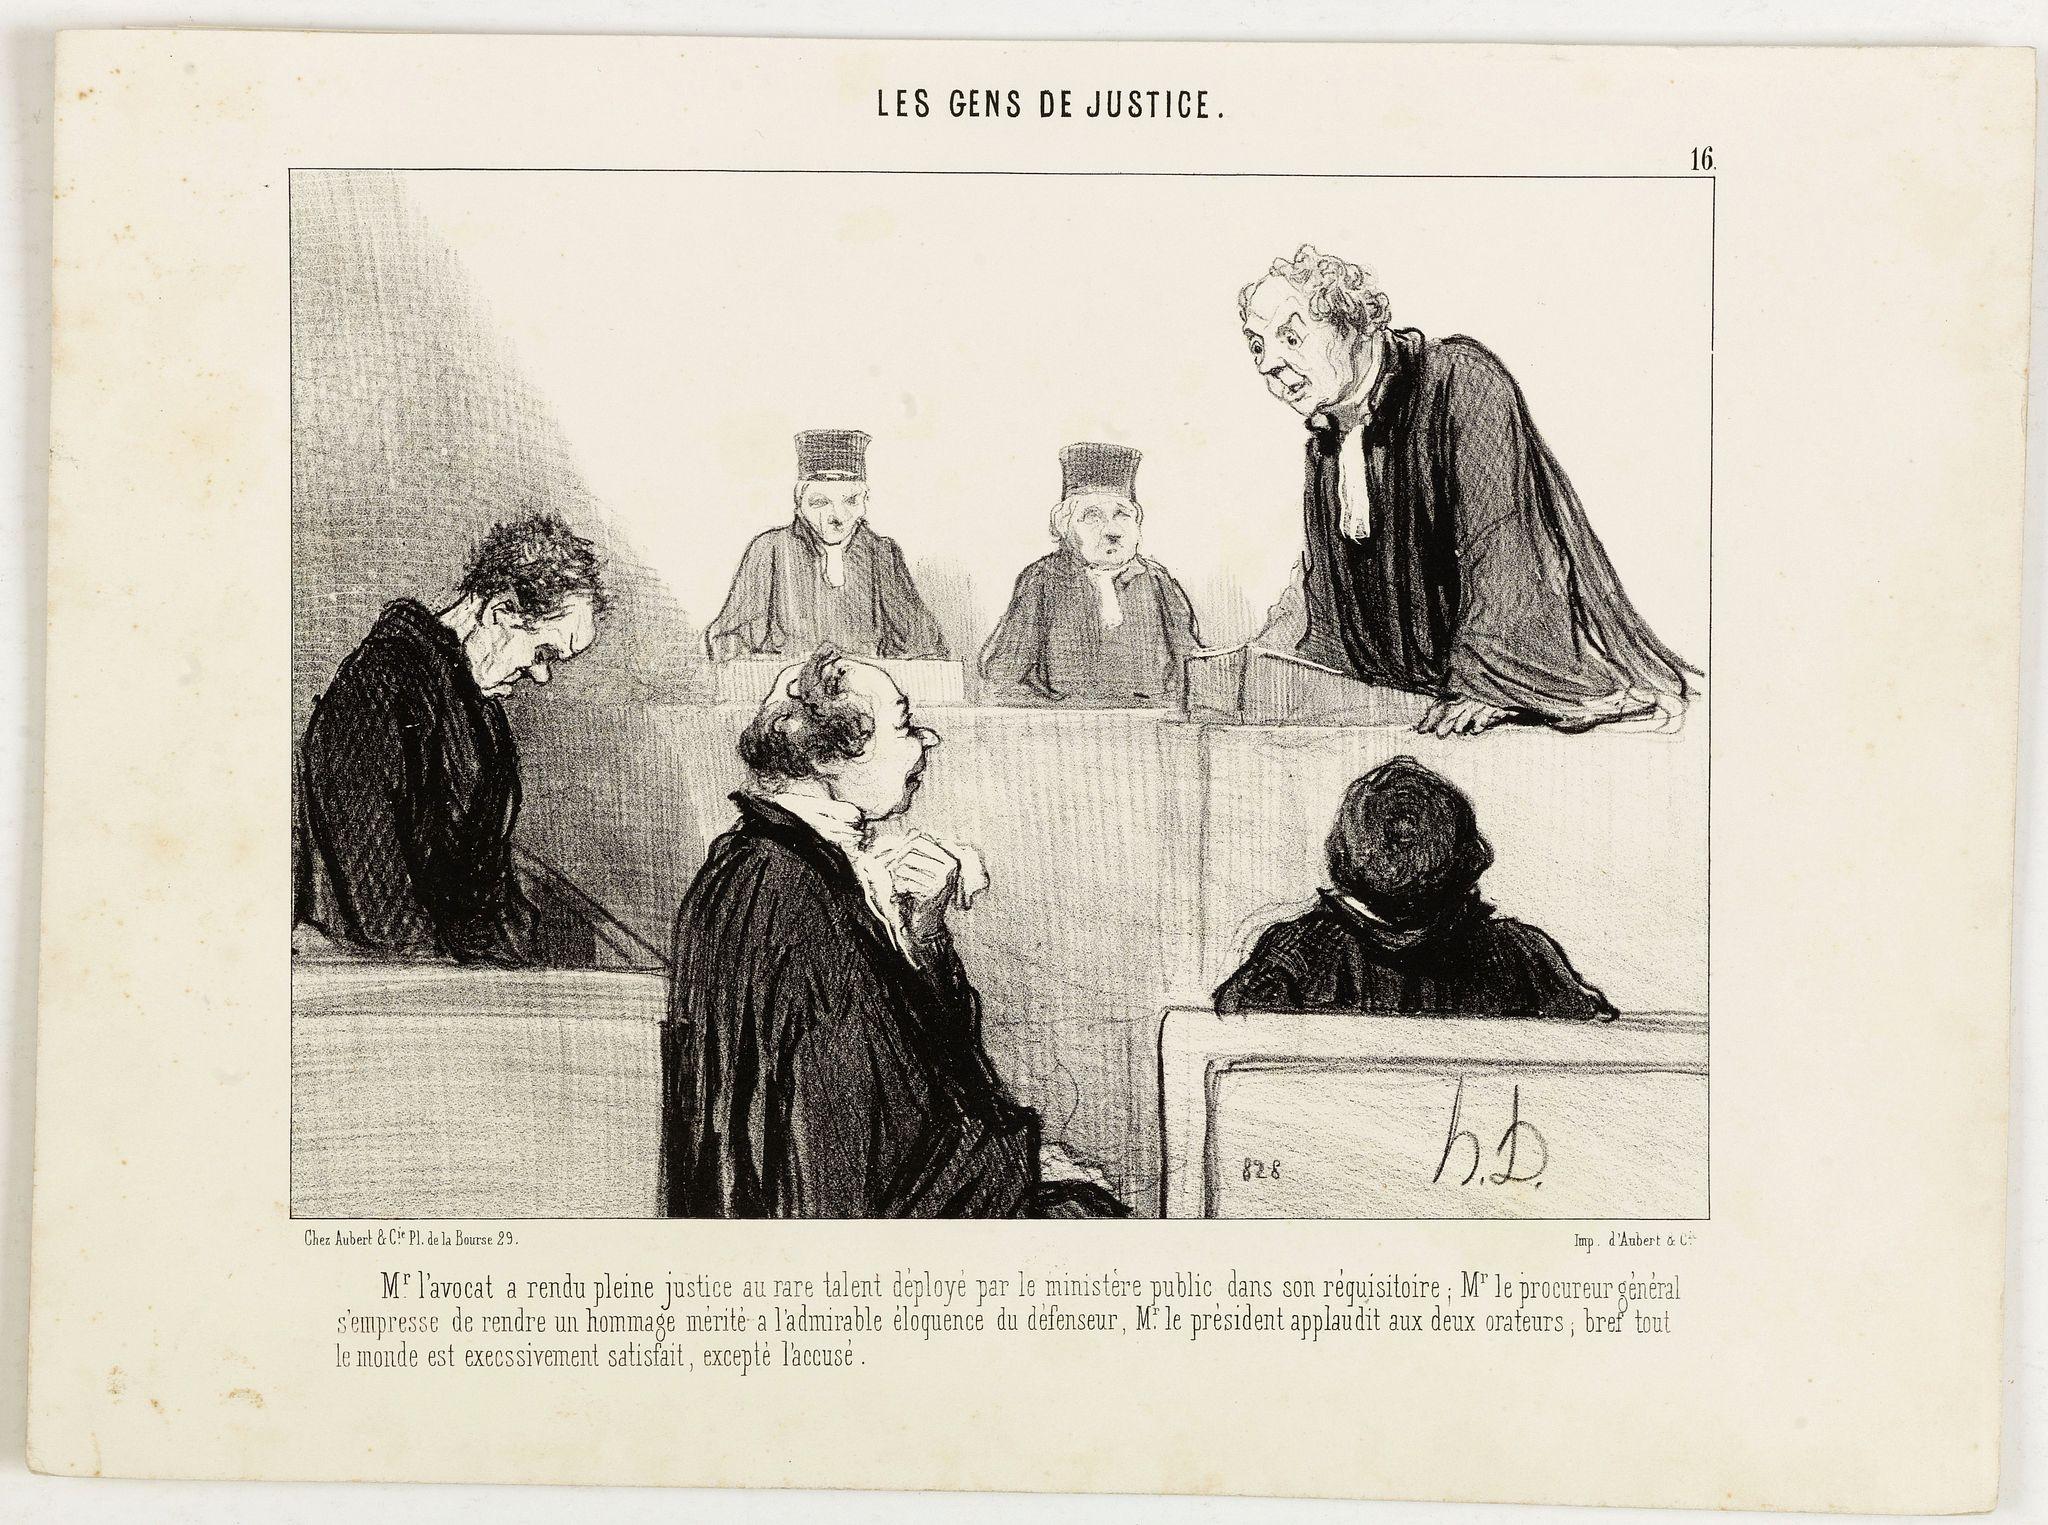 DAUMIER, H. -  Les Gens de Justice. - Mr. l'avocat a rendu pleine justice au rare talent déployé par le ministère public . . .